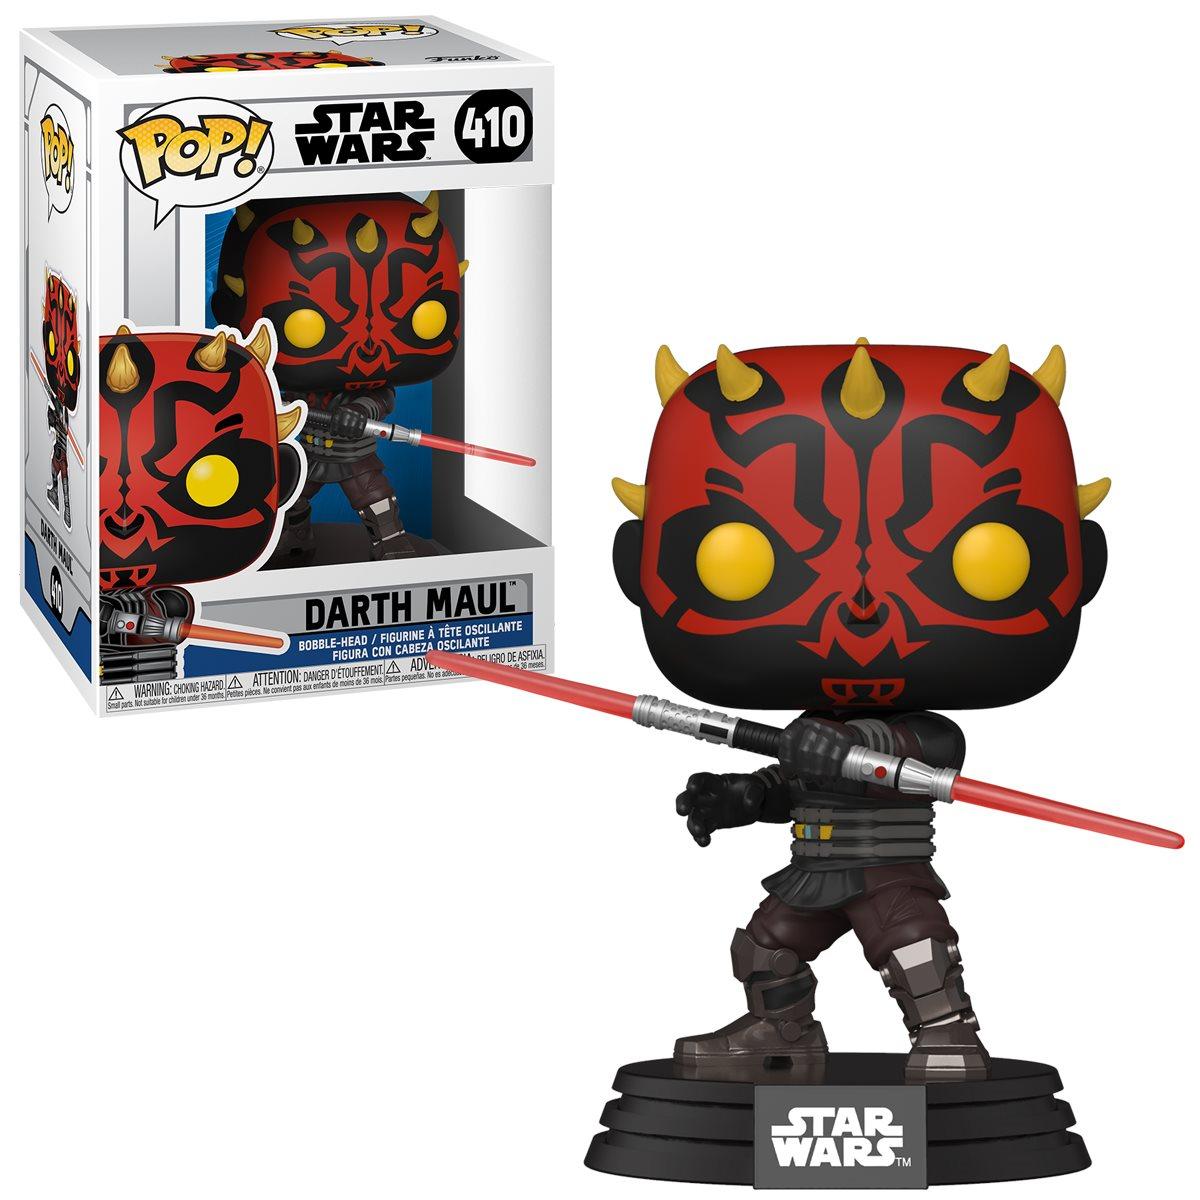 PRÉ VENDA: Funko Pop! Darth Maul: Star Wars: The Clone Wars #410 - Funko